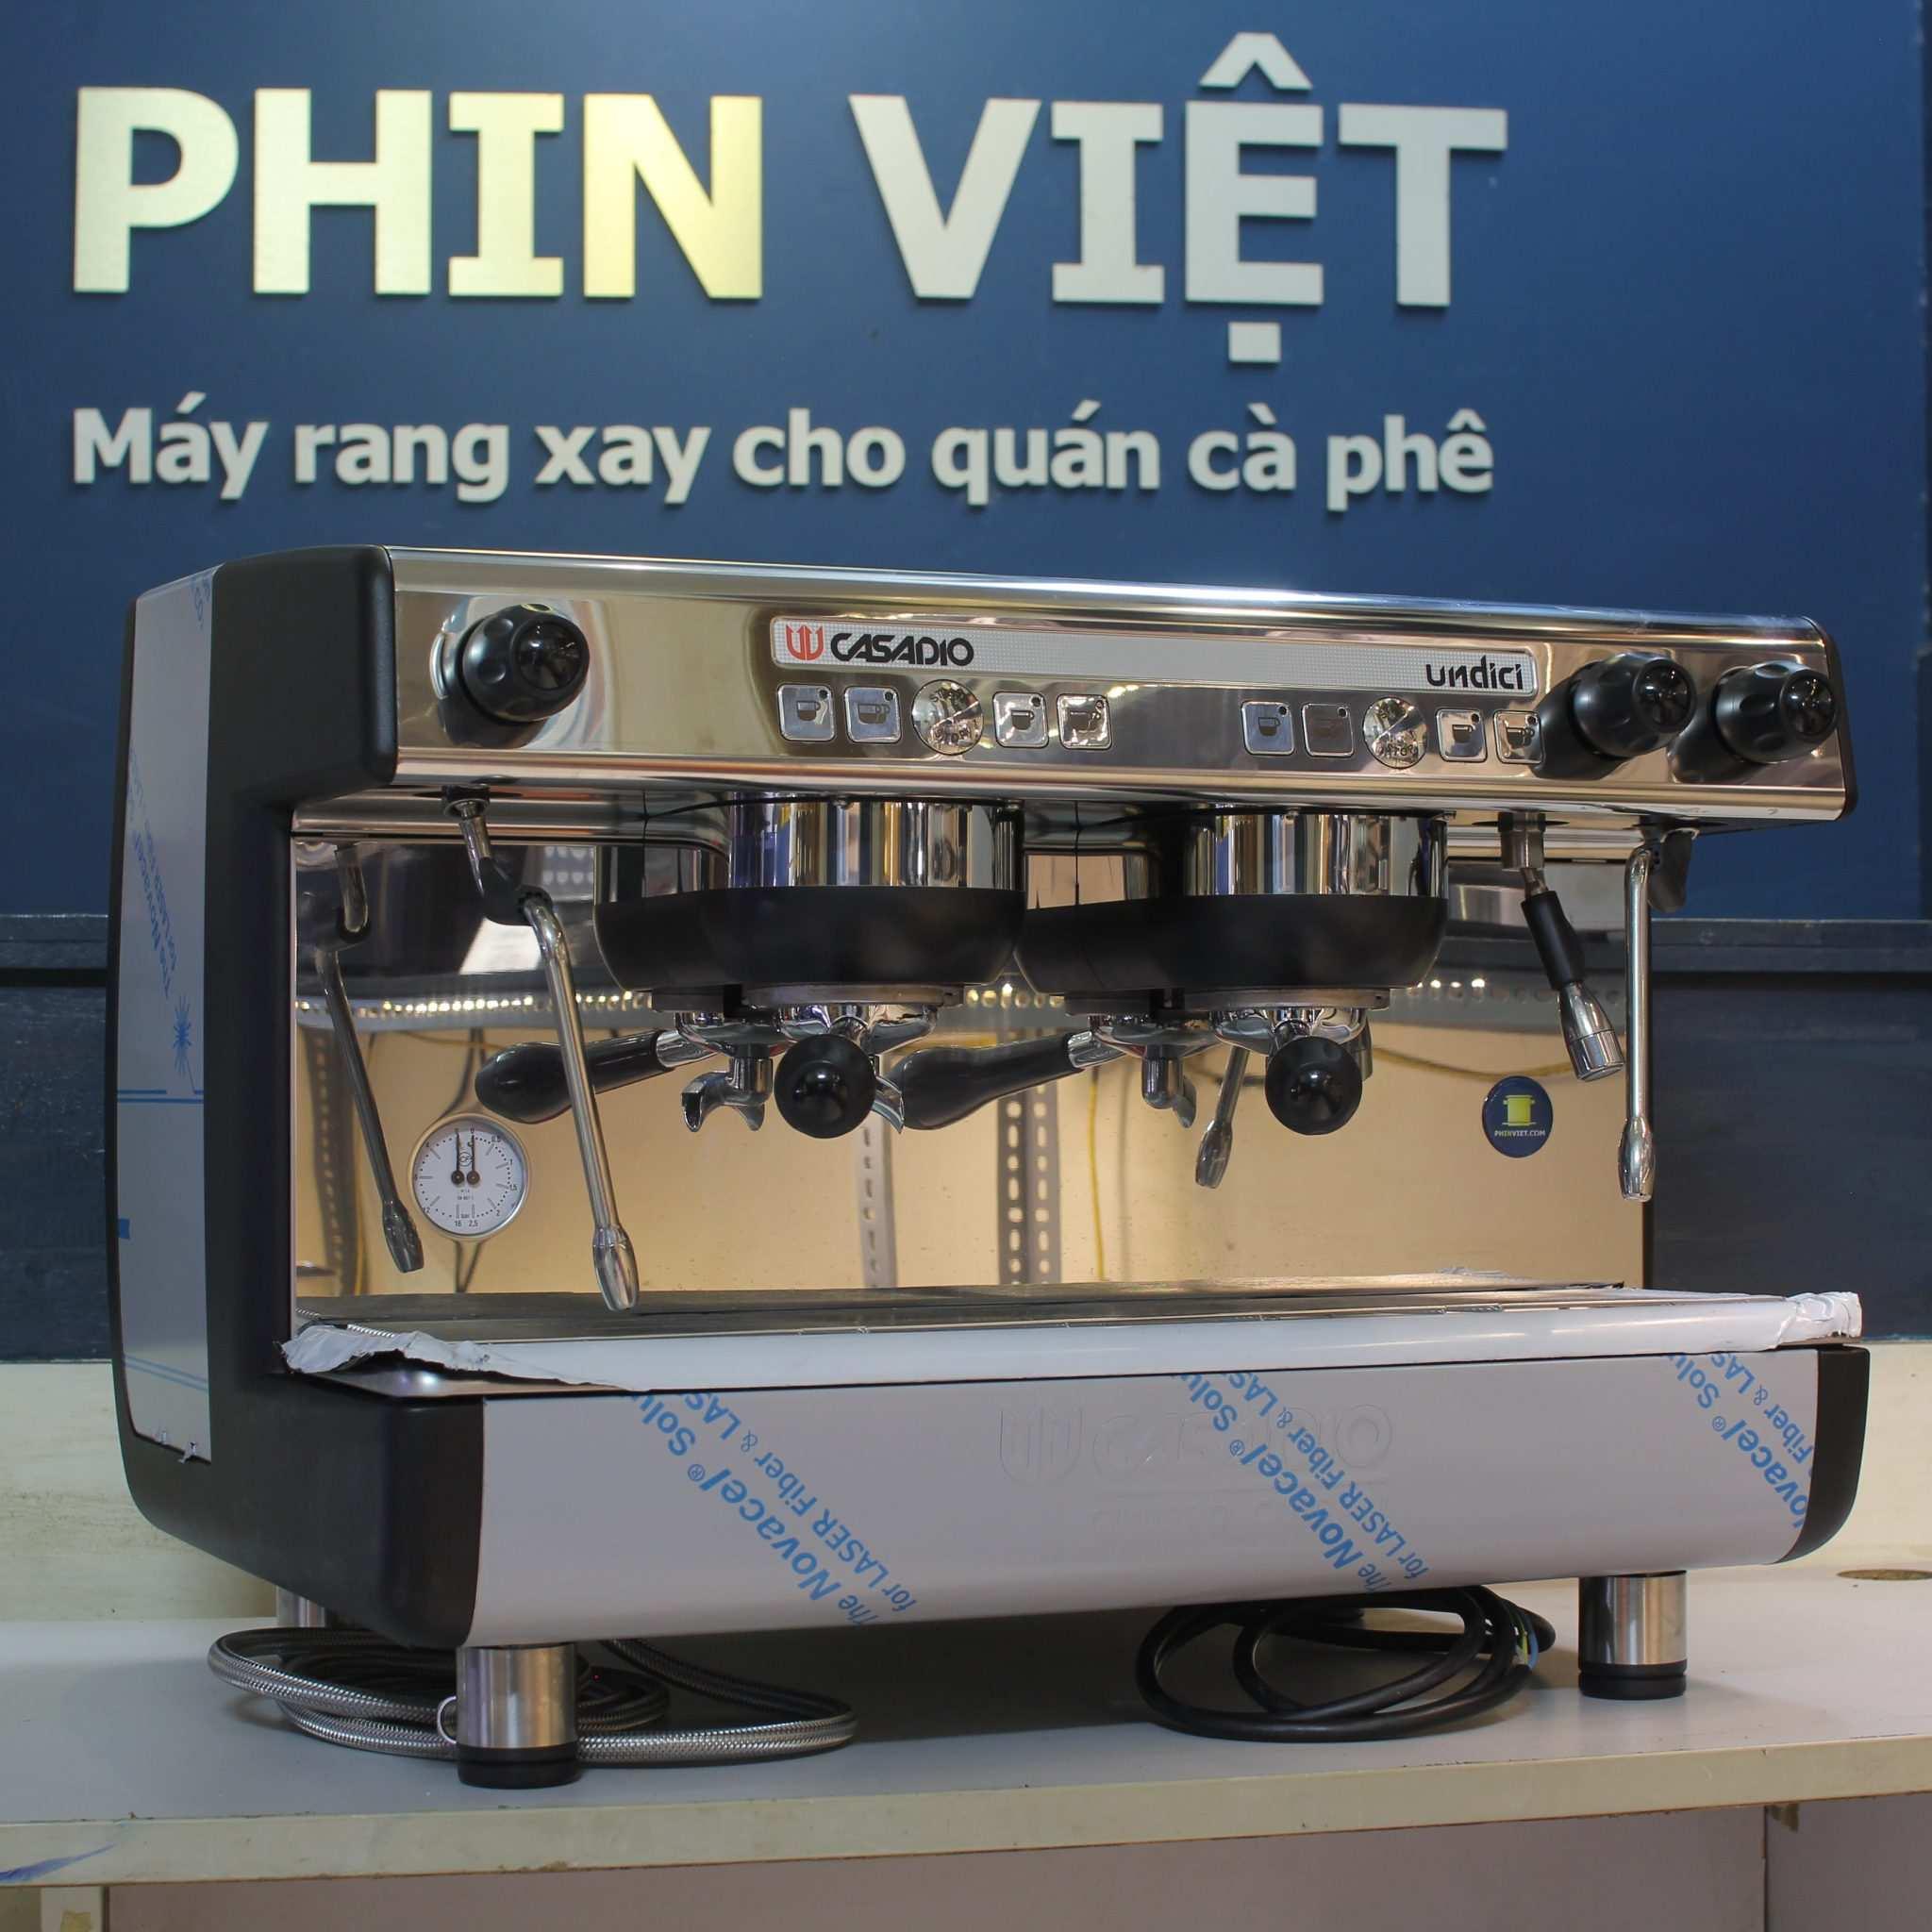 Hậu quả của việc xay sai kích cỡ hạt đối với máy pha cà phê